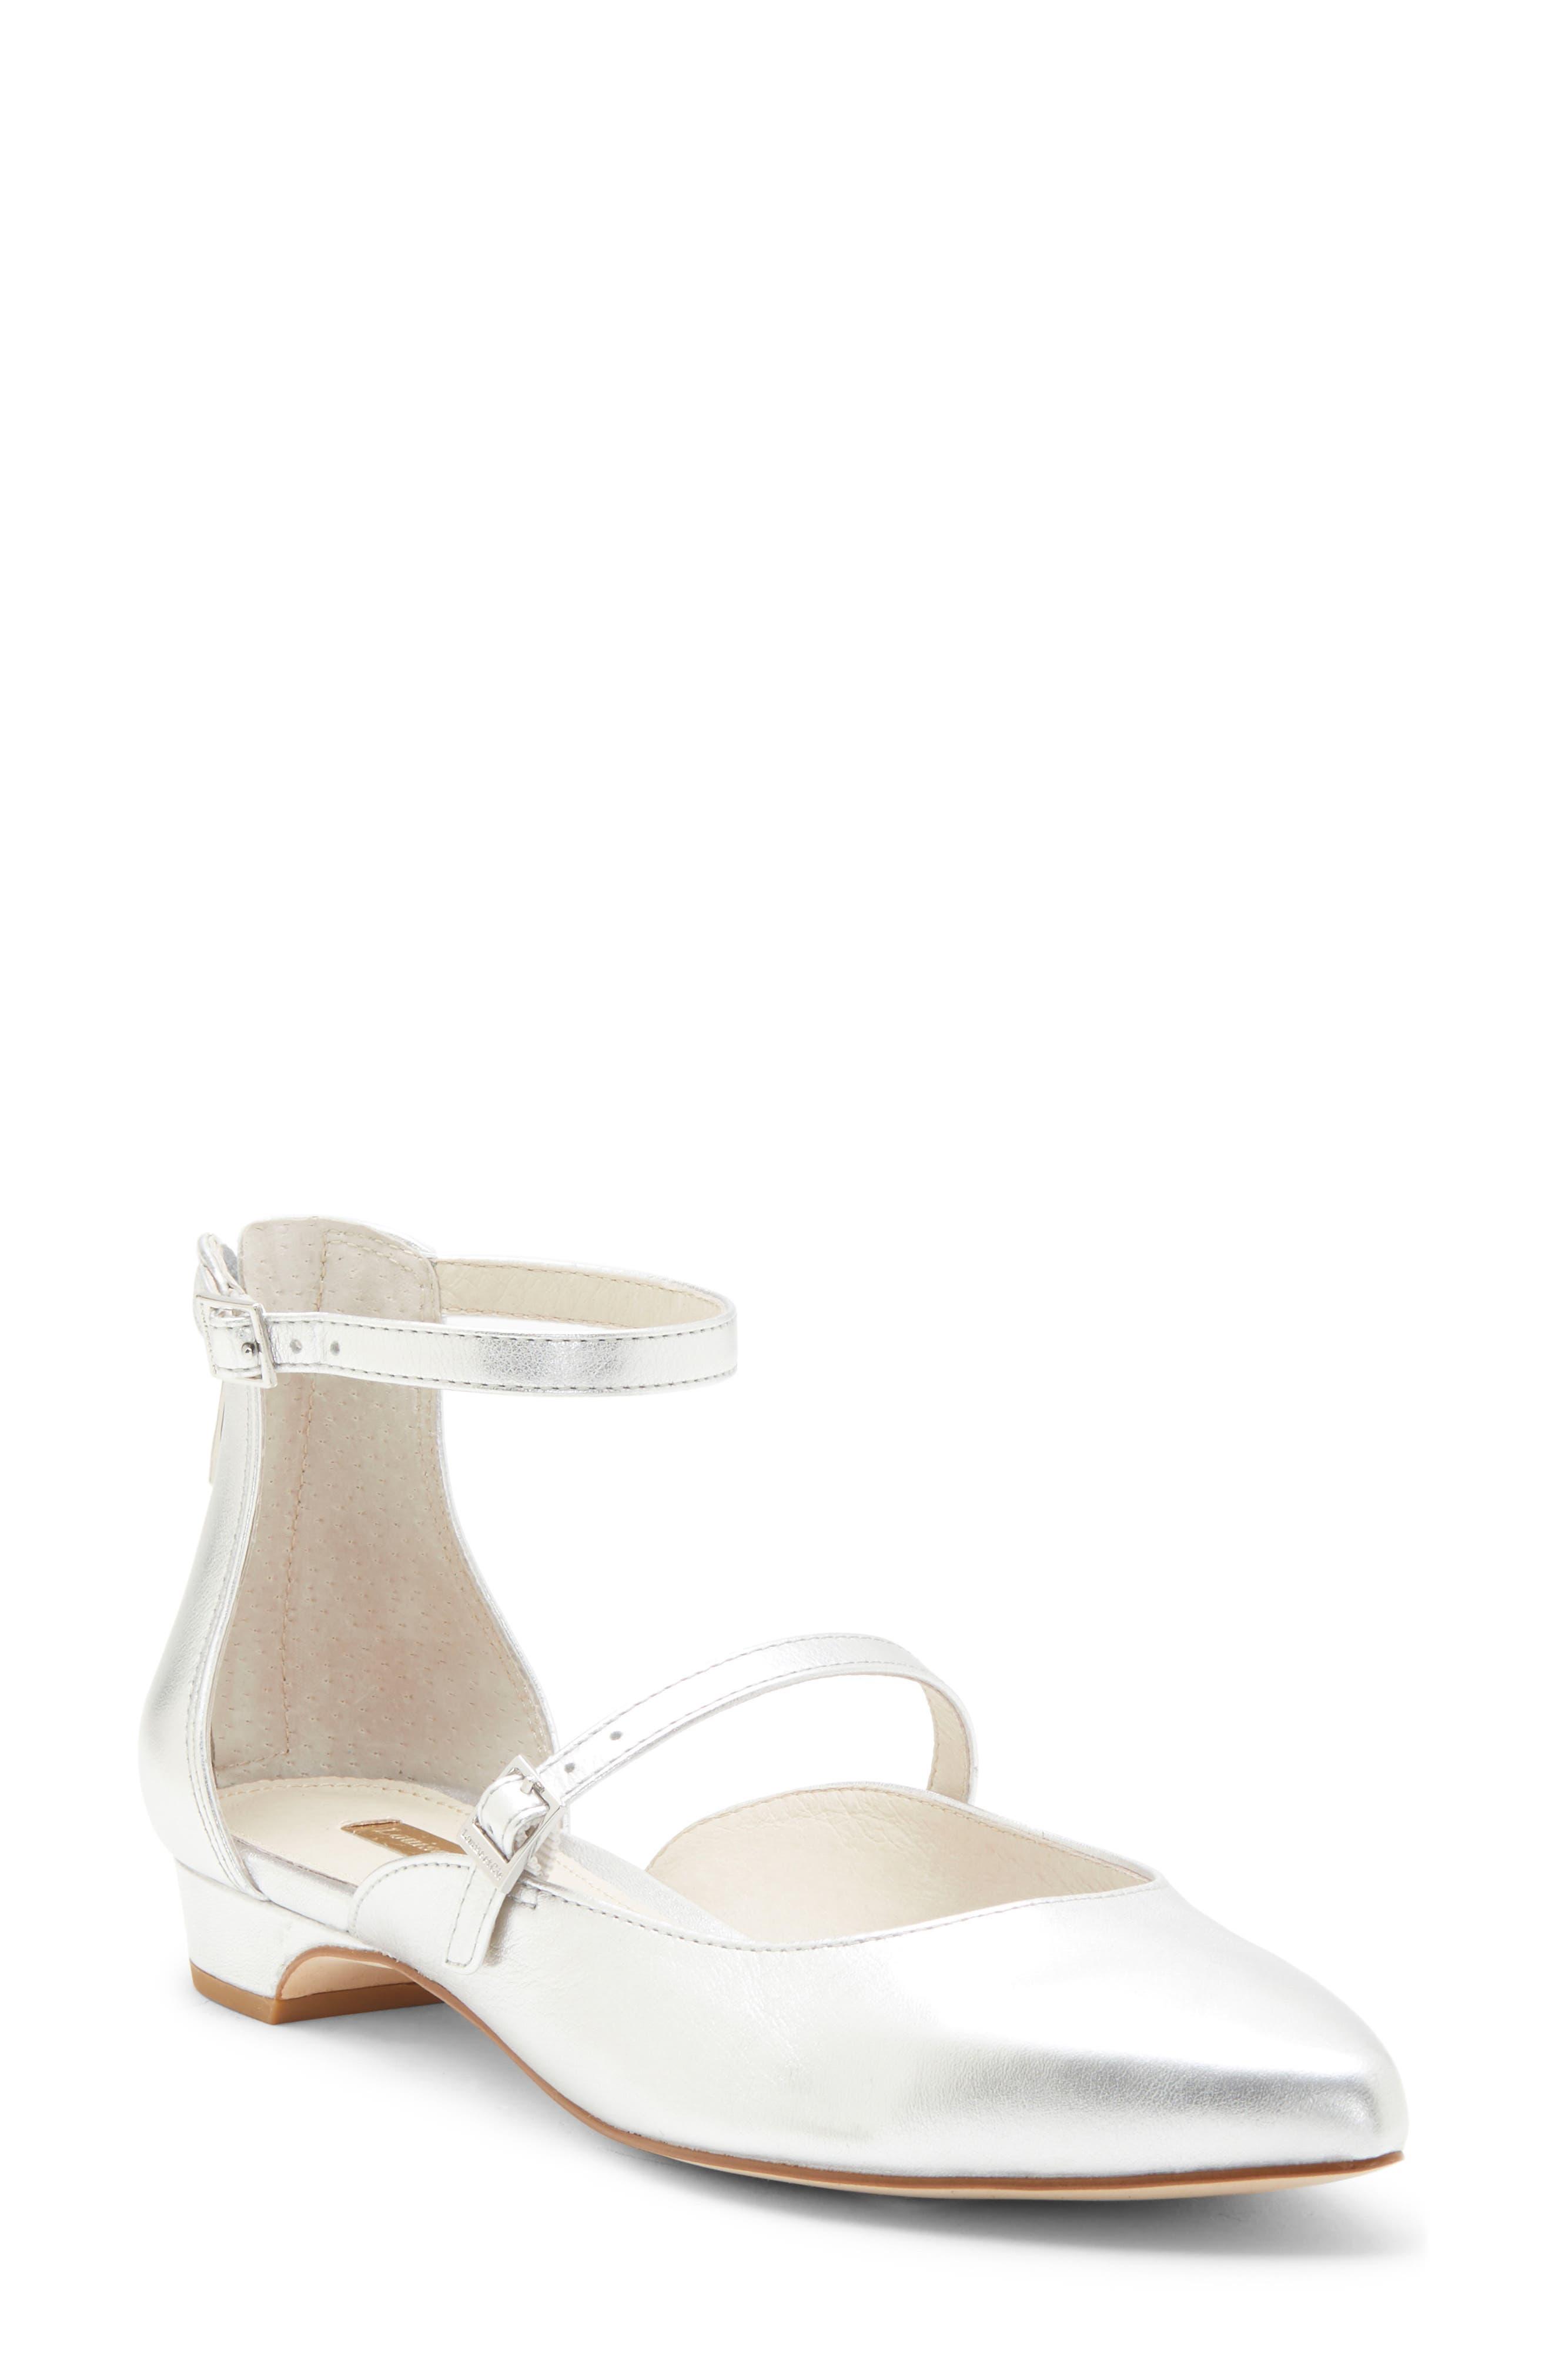 Louise Et Cie Claire Ankle Strap Flat, Metallic